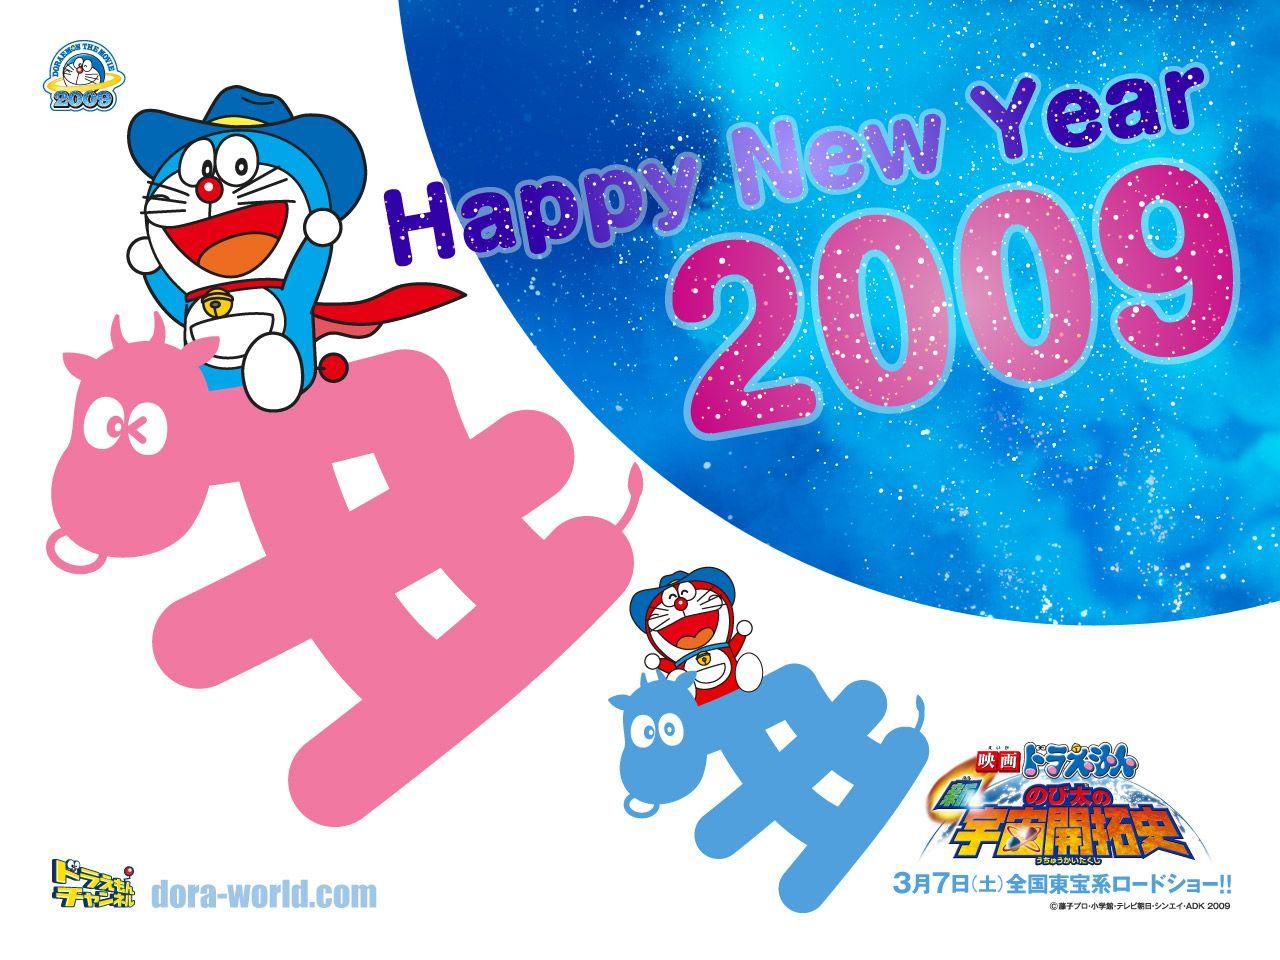 ドラえもん 壁紙 Doraemon Wallpaper ドラえもん 壁紙 ドラえもん 壁紙